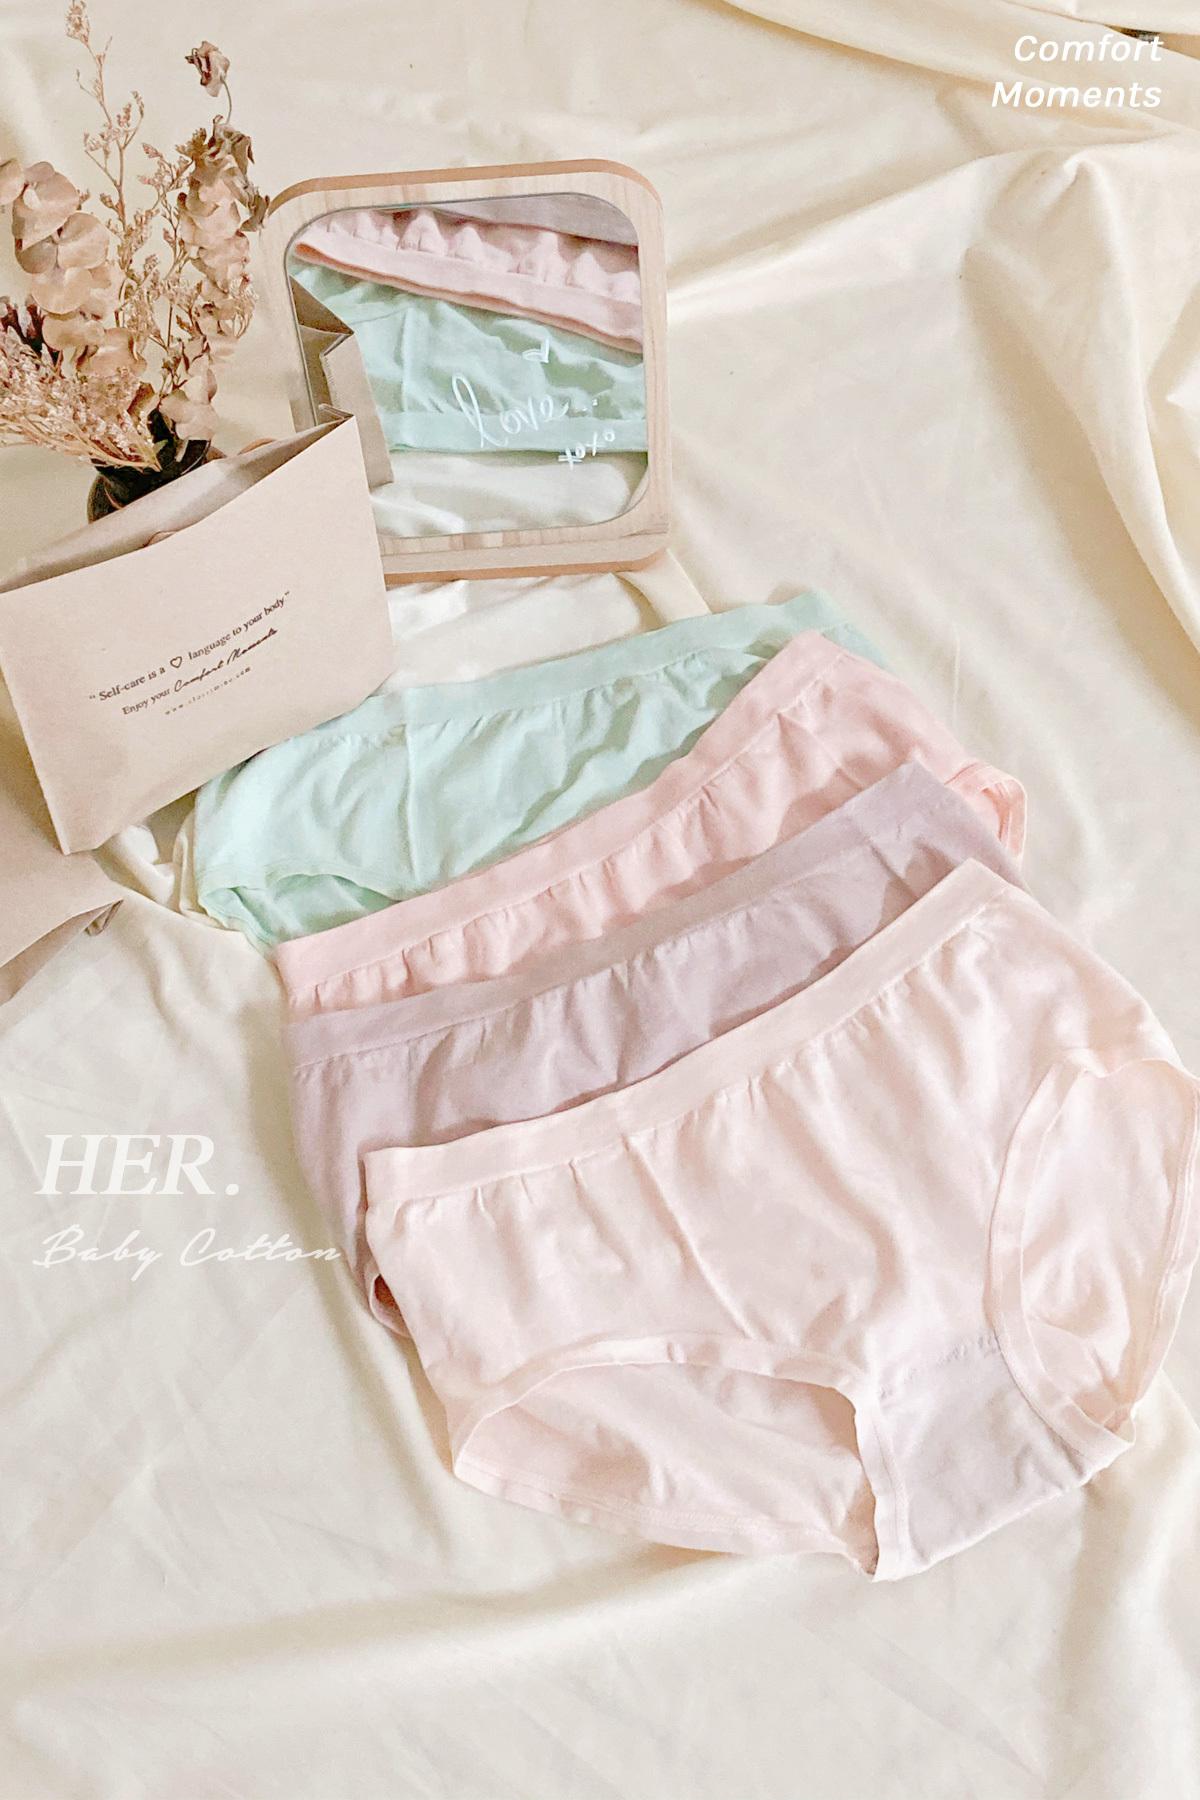 Her_panties1.jpg